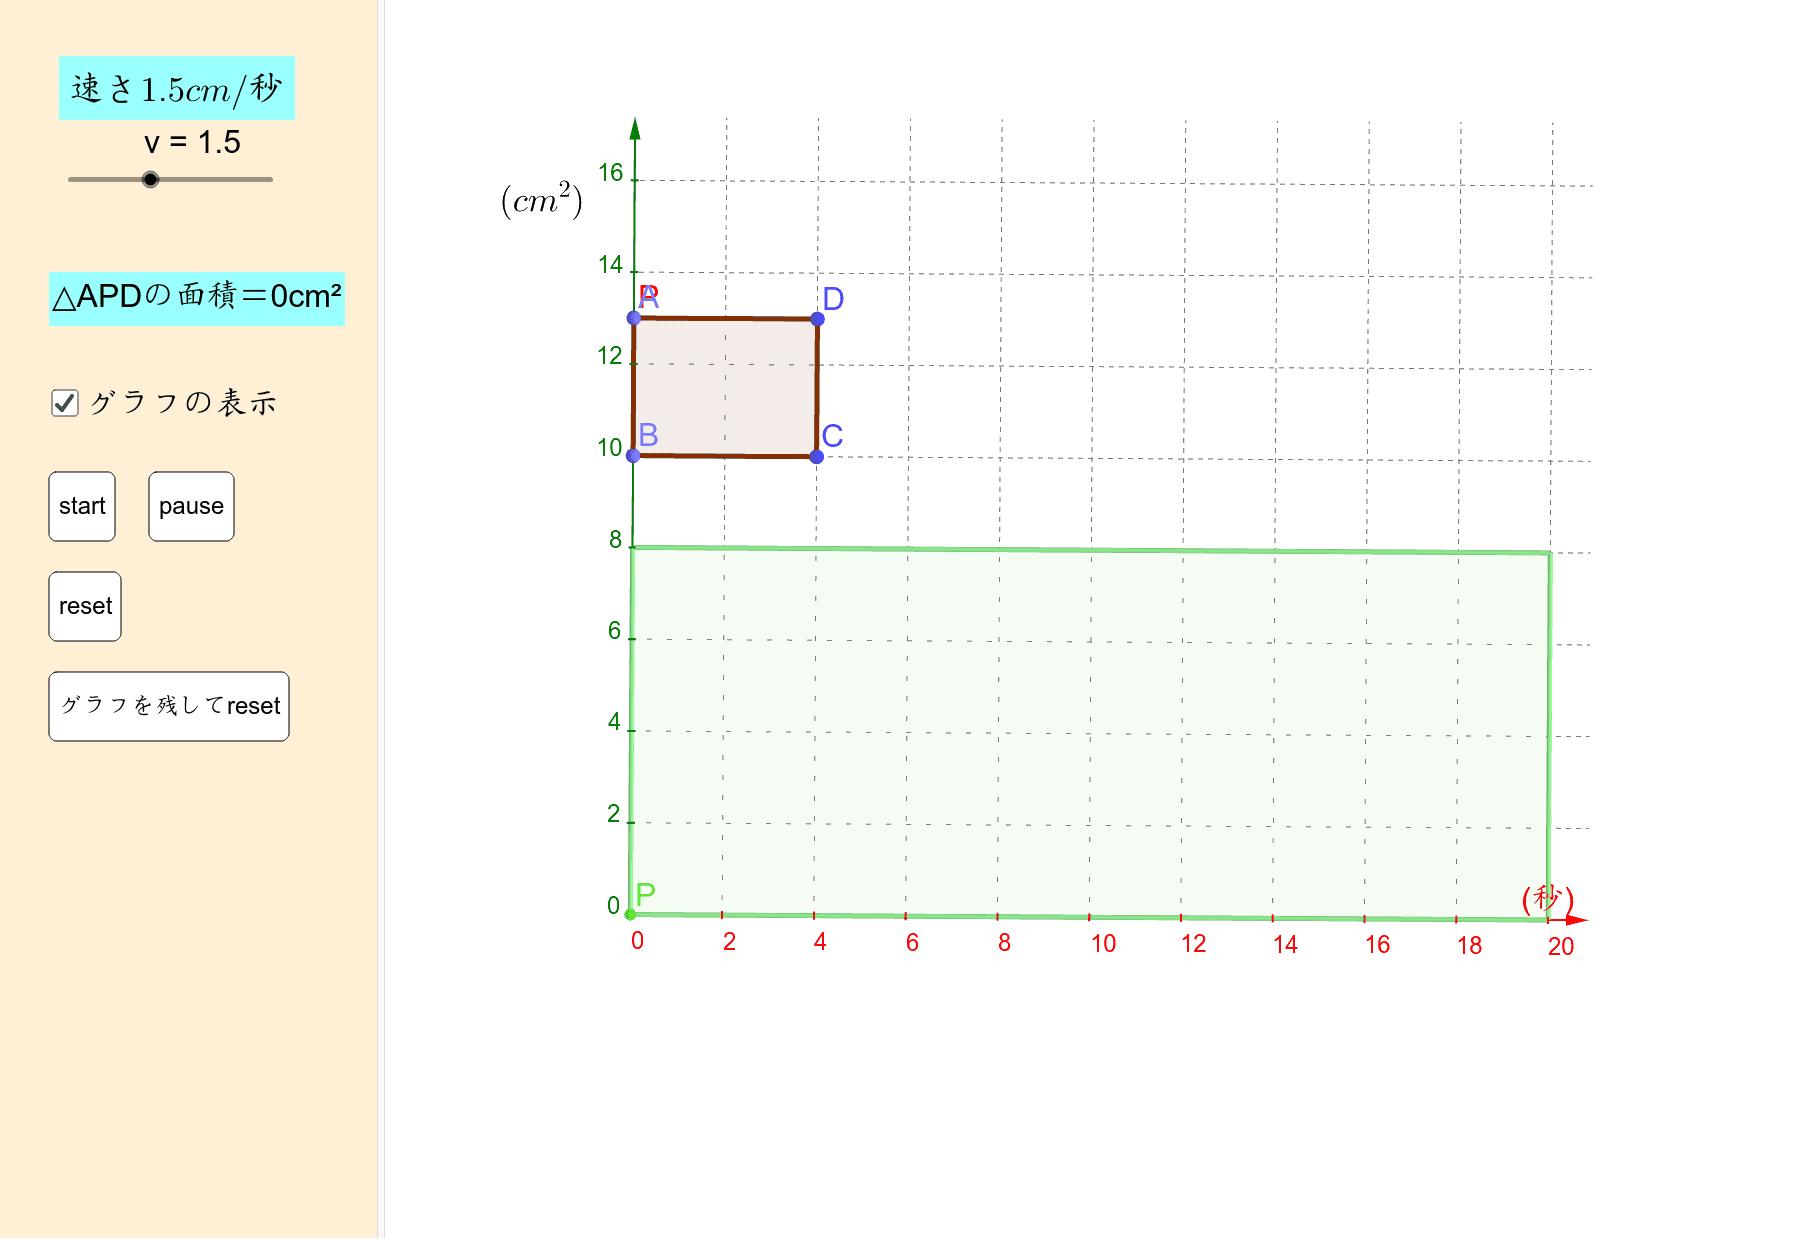 AB=3cm, BC=4cmの長方形ABCDで,点PはAを出発して毎秒2cmでA→B→C→Dと進む。 出発からx秒後の△APDの面積をycm2とする。解説は https://youtu.be/A8Wag8Ld8Y8 ワークシートを始めるにはEnter キーを押してください。